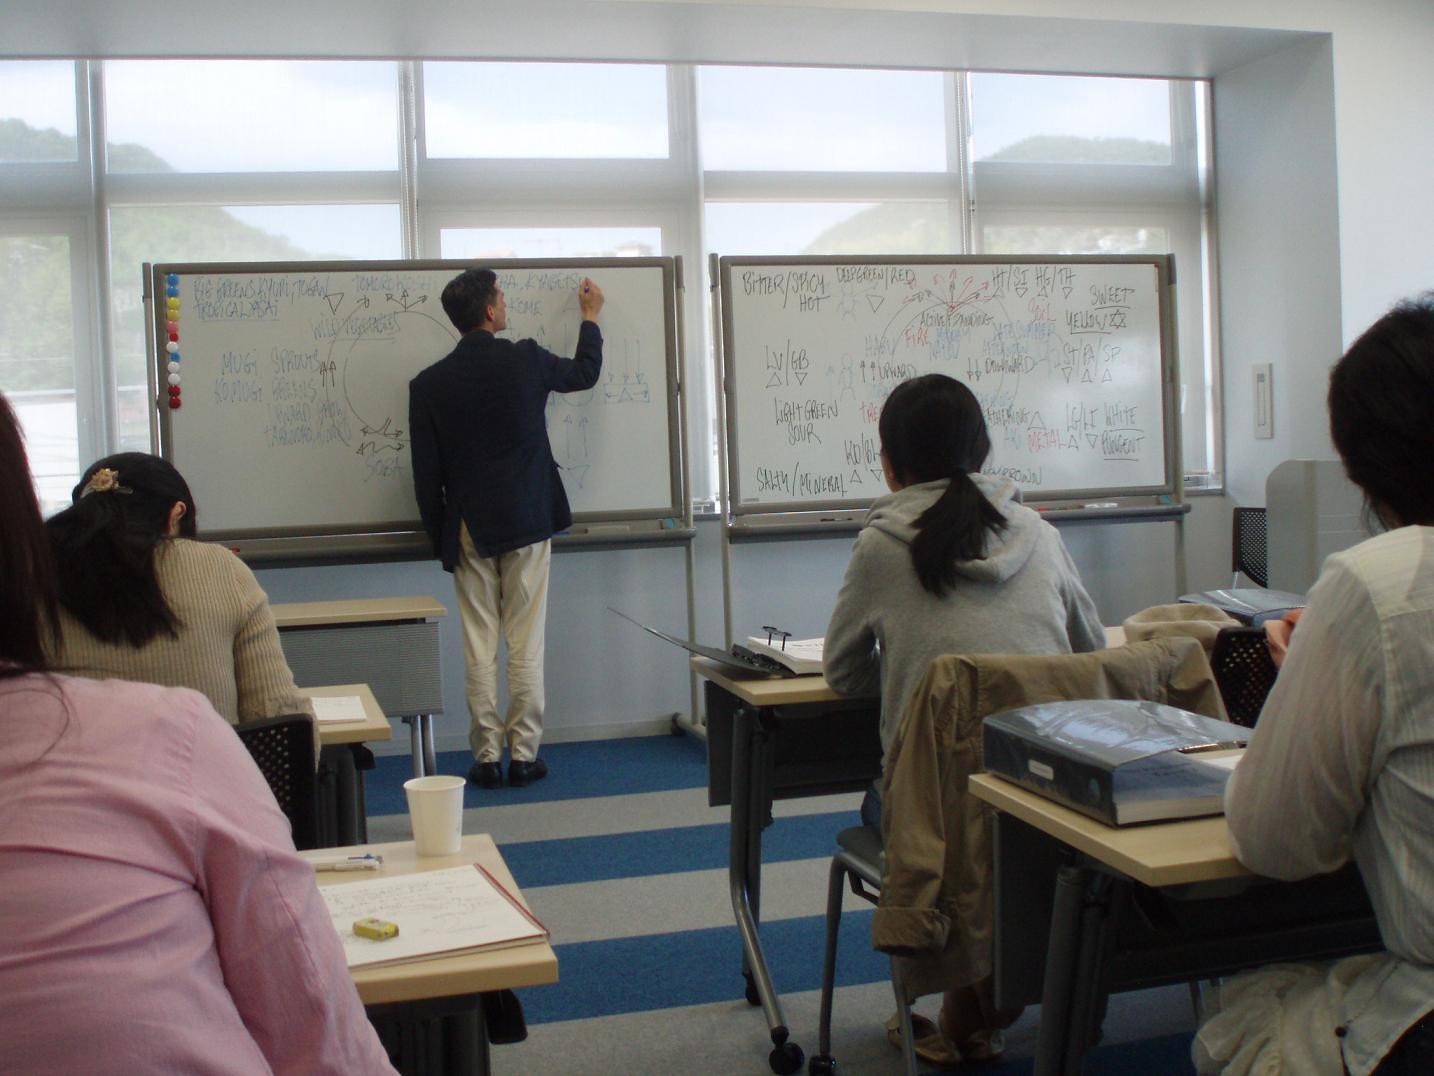 日本滞在記⑦ 広島レベル2の講義と調理実習_f0095325_1319175.jpg